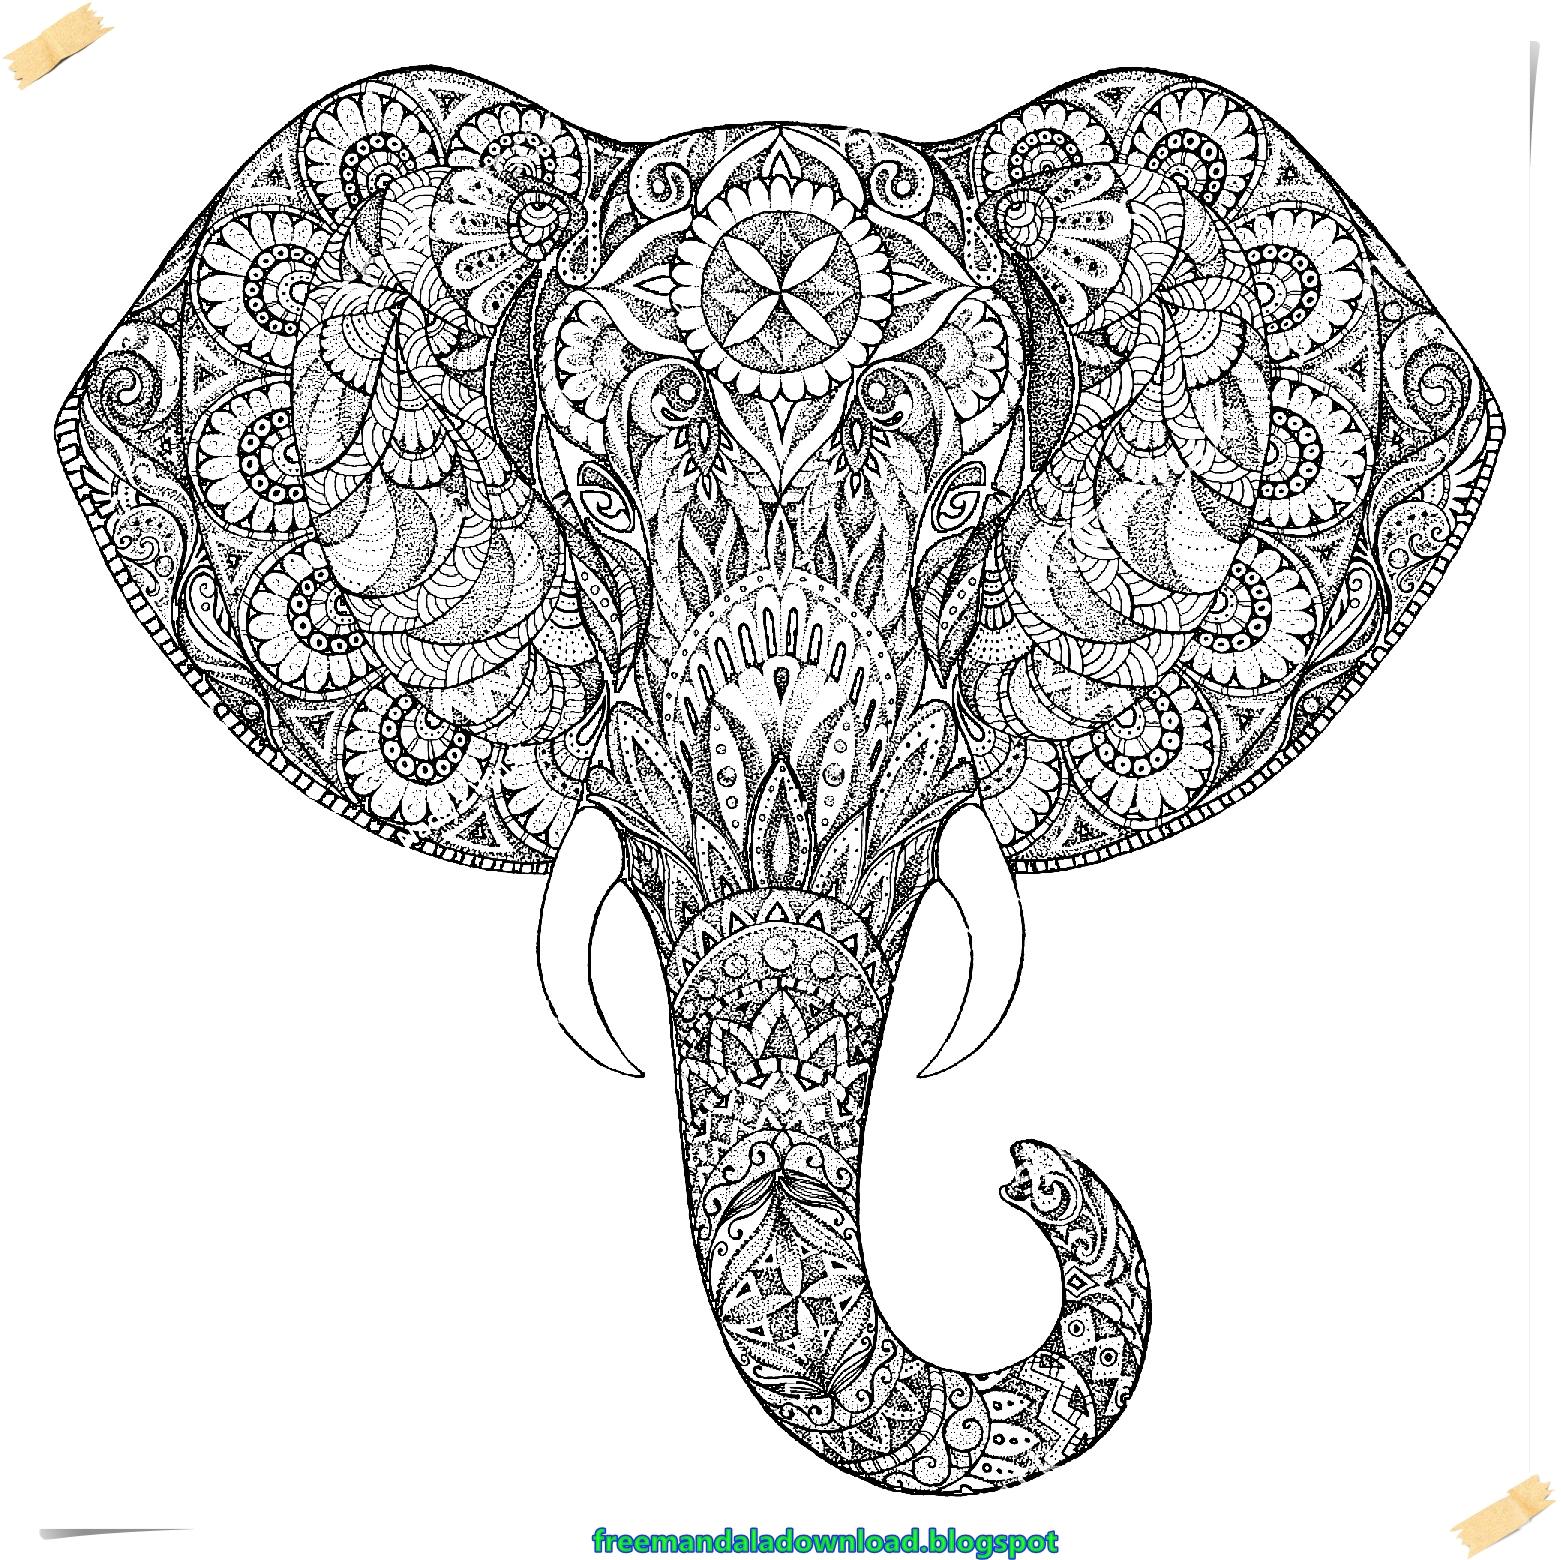 Mandala Elefant Gekritzelart Mandala Elephant Doodle Style